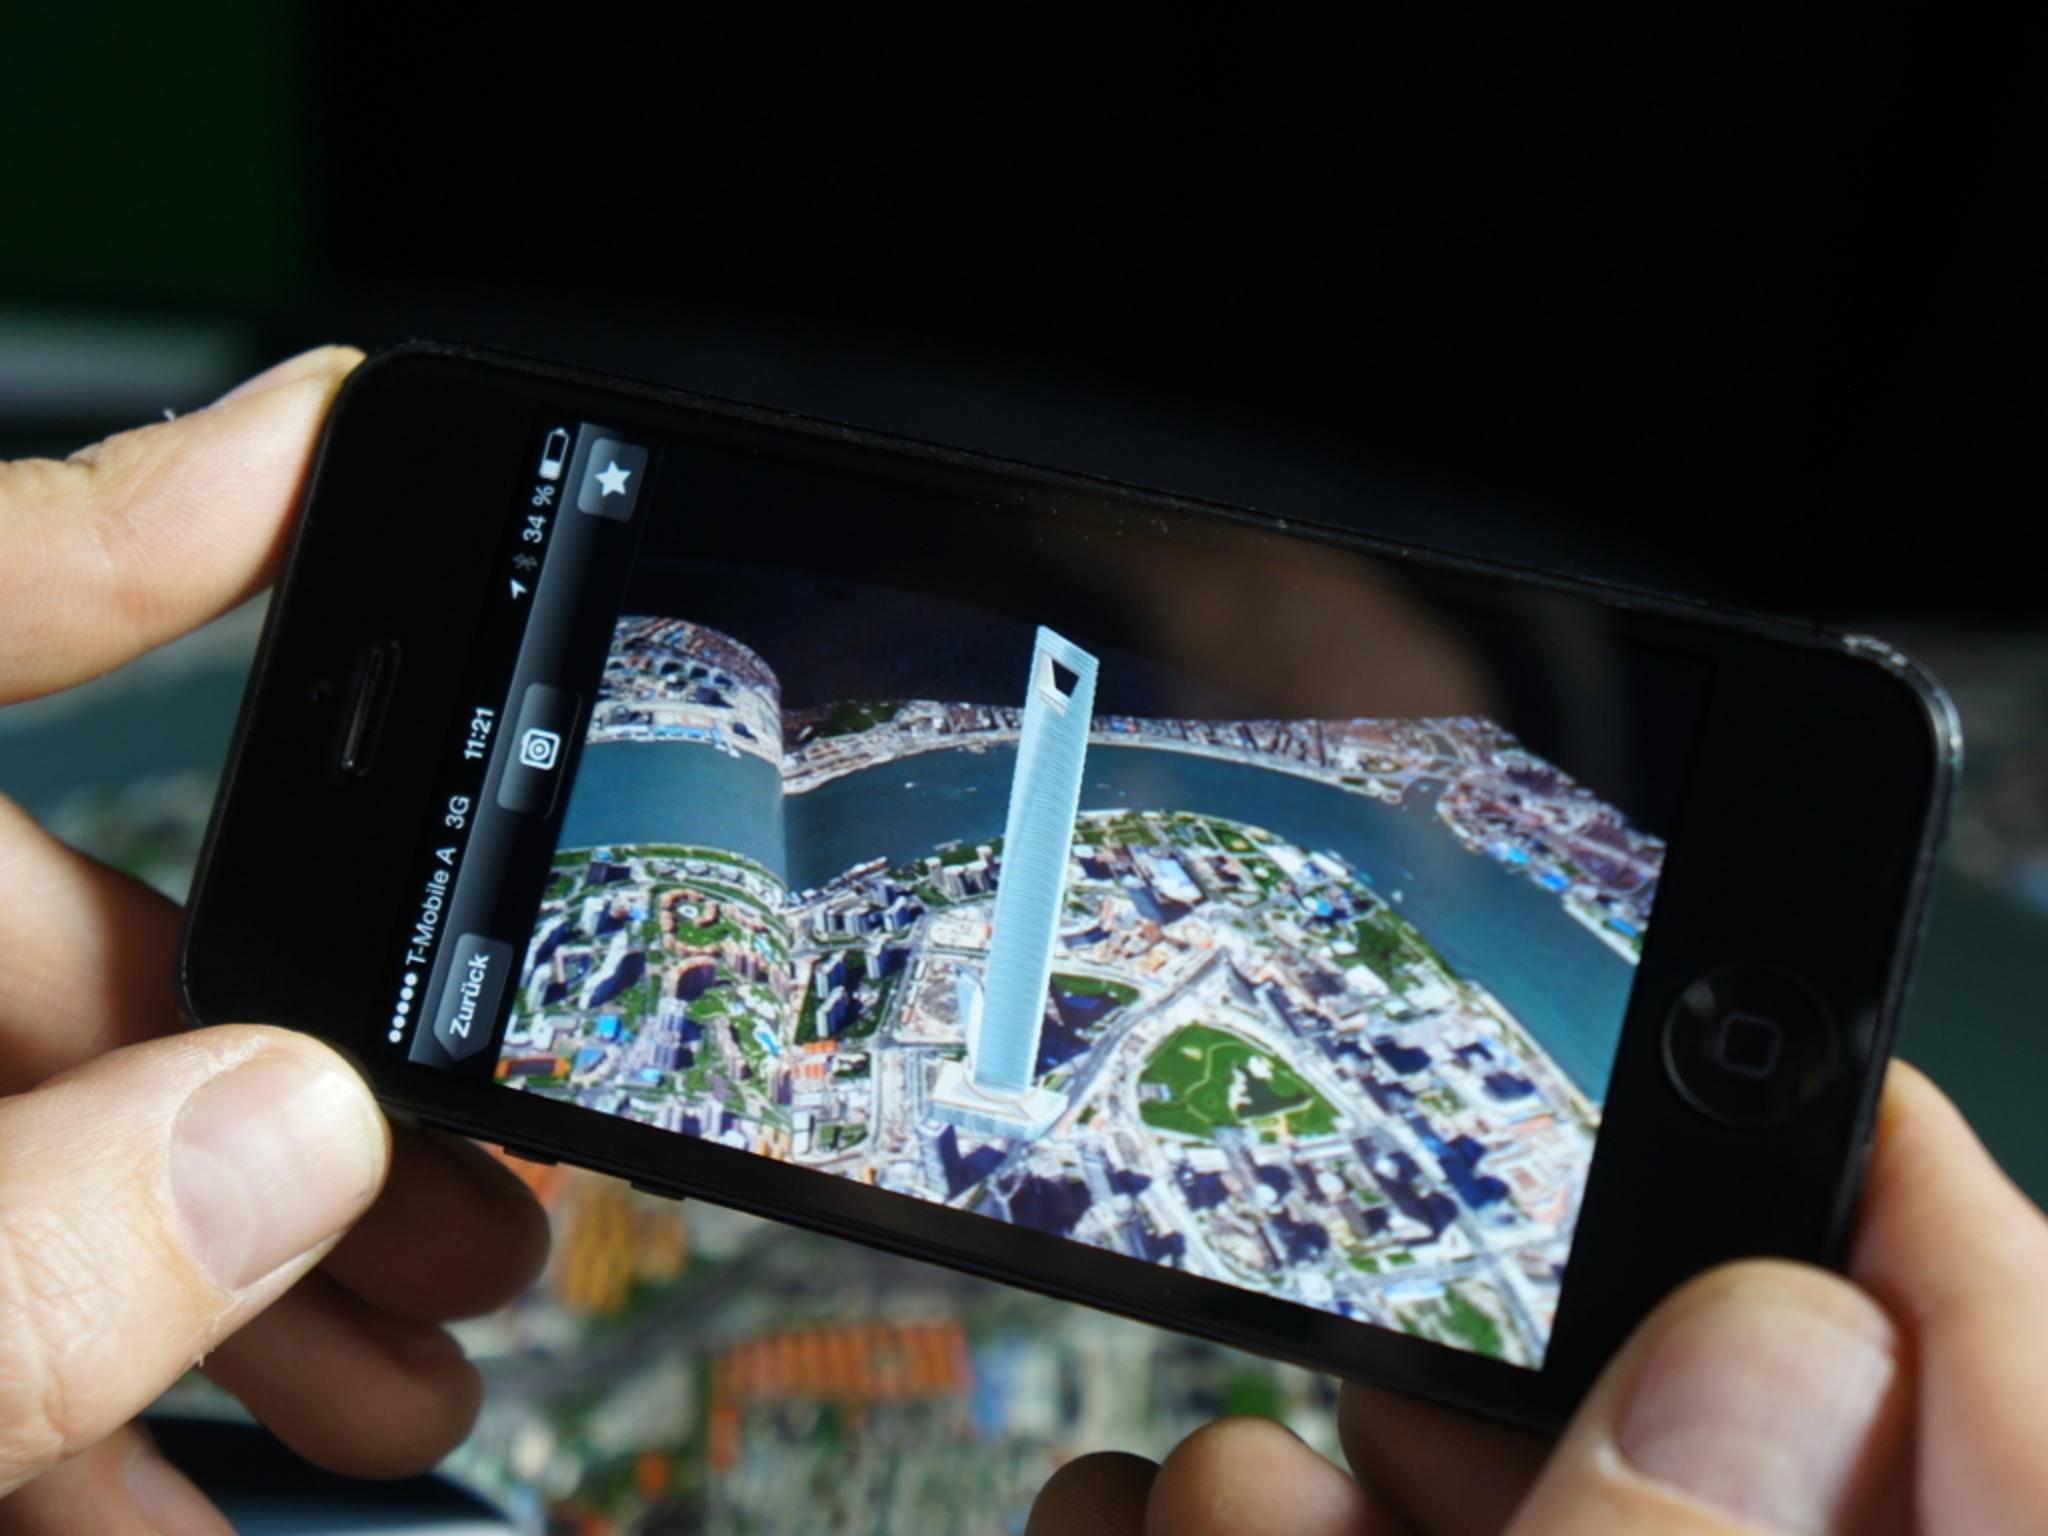 Die App  Wikitude scannt die abgefilmte Umgebung und blendet hilfreiche Informationen ein.